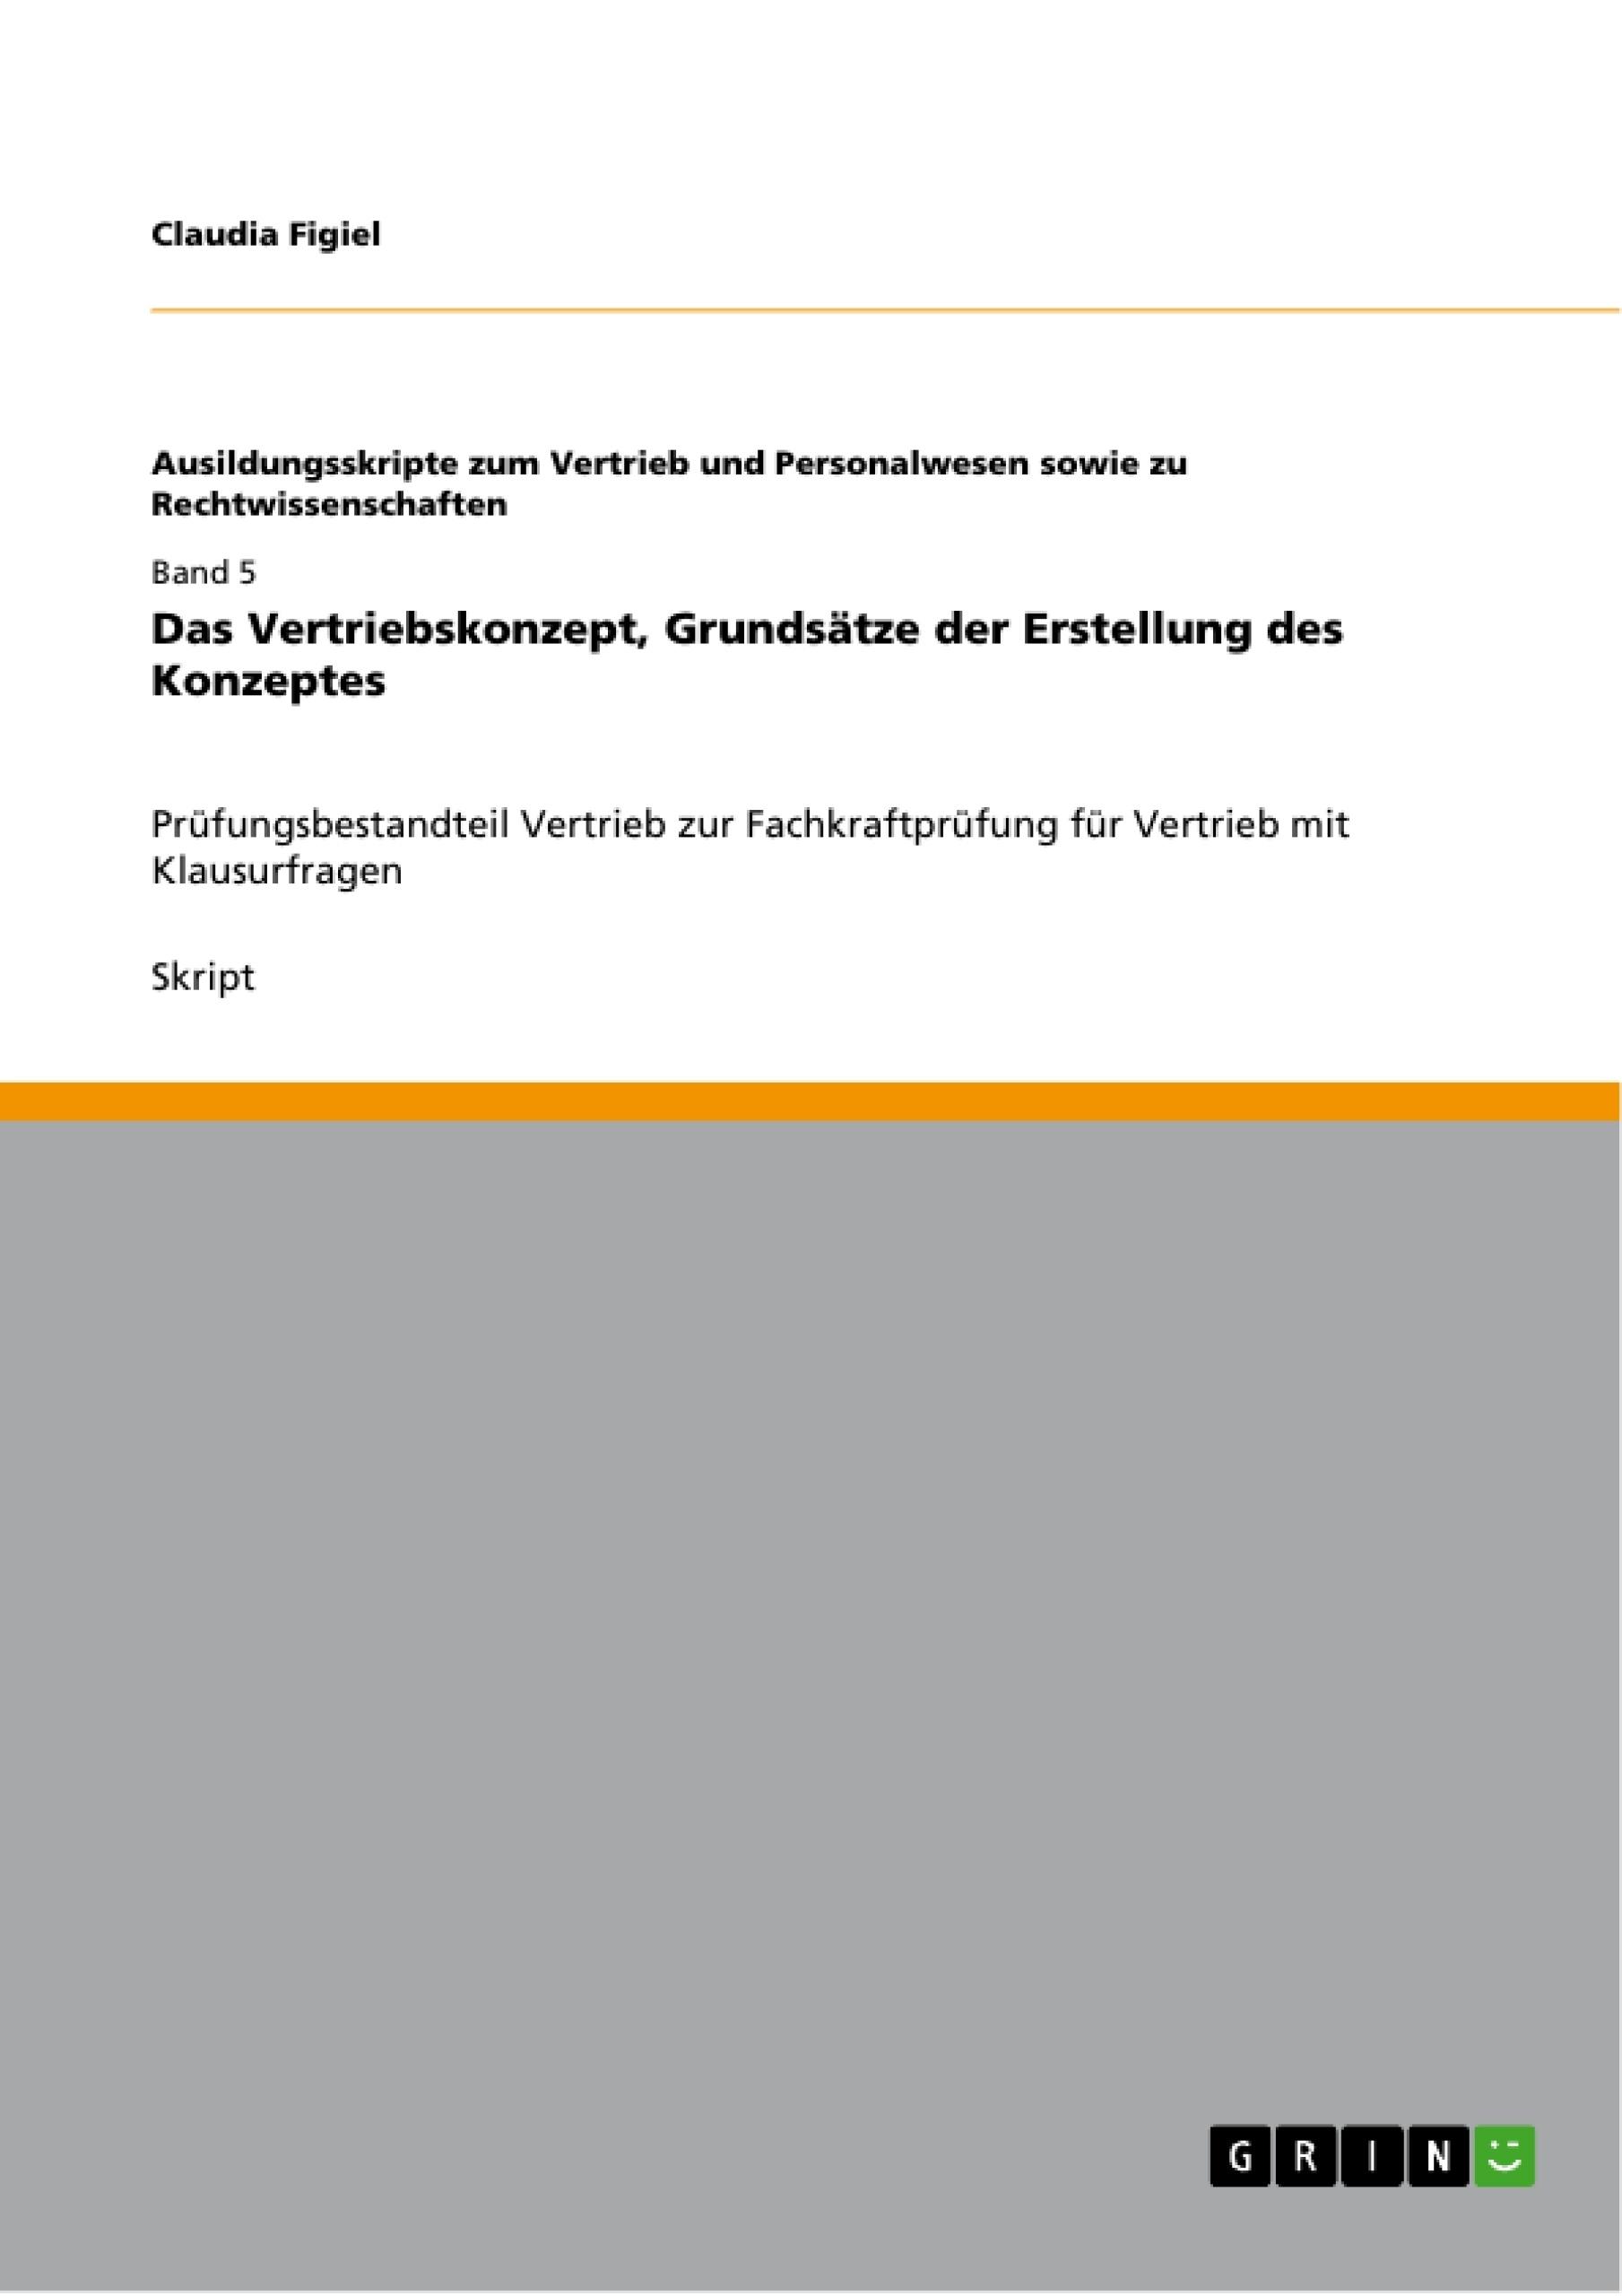 Titel: Das Vertriebskonzept, Grundsätze der Erstellung des Konzeptes